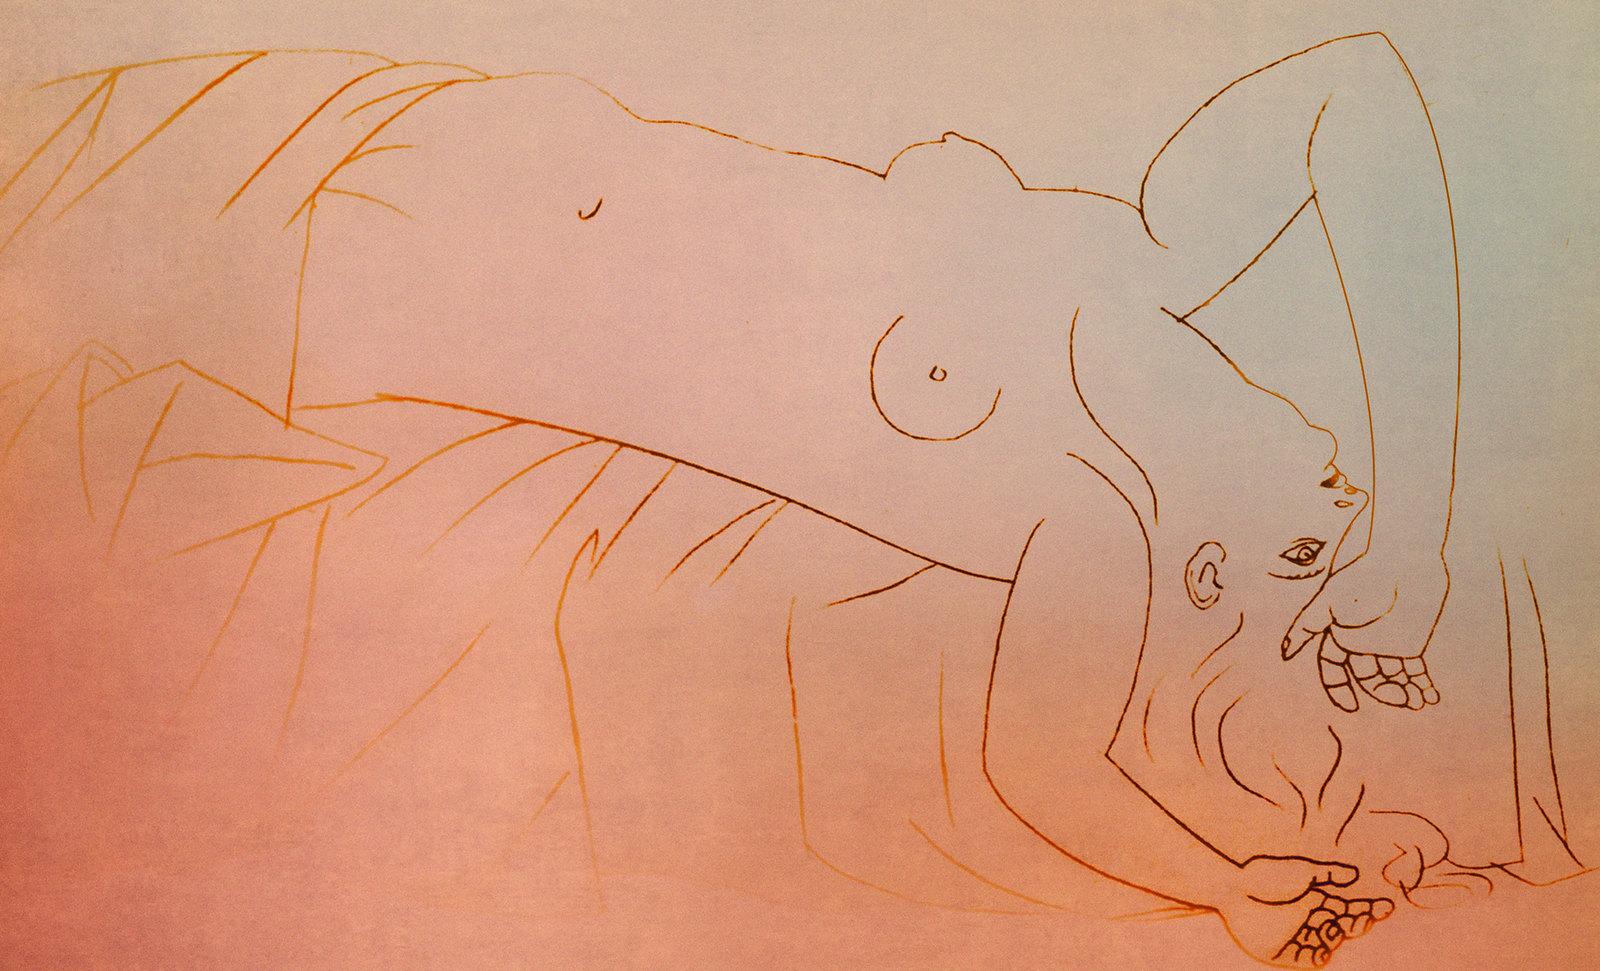 077Pablo Picasso